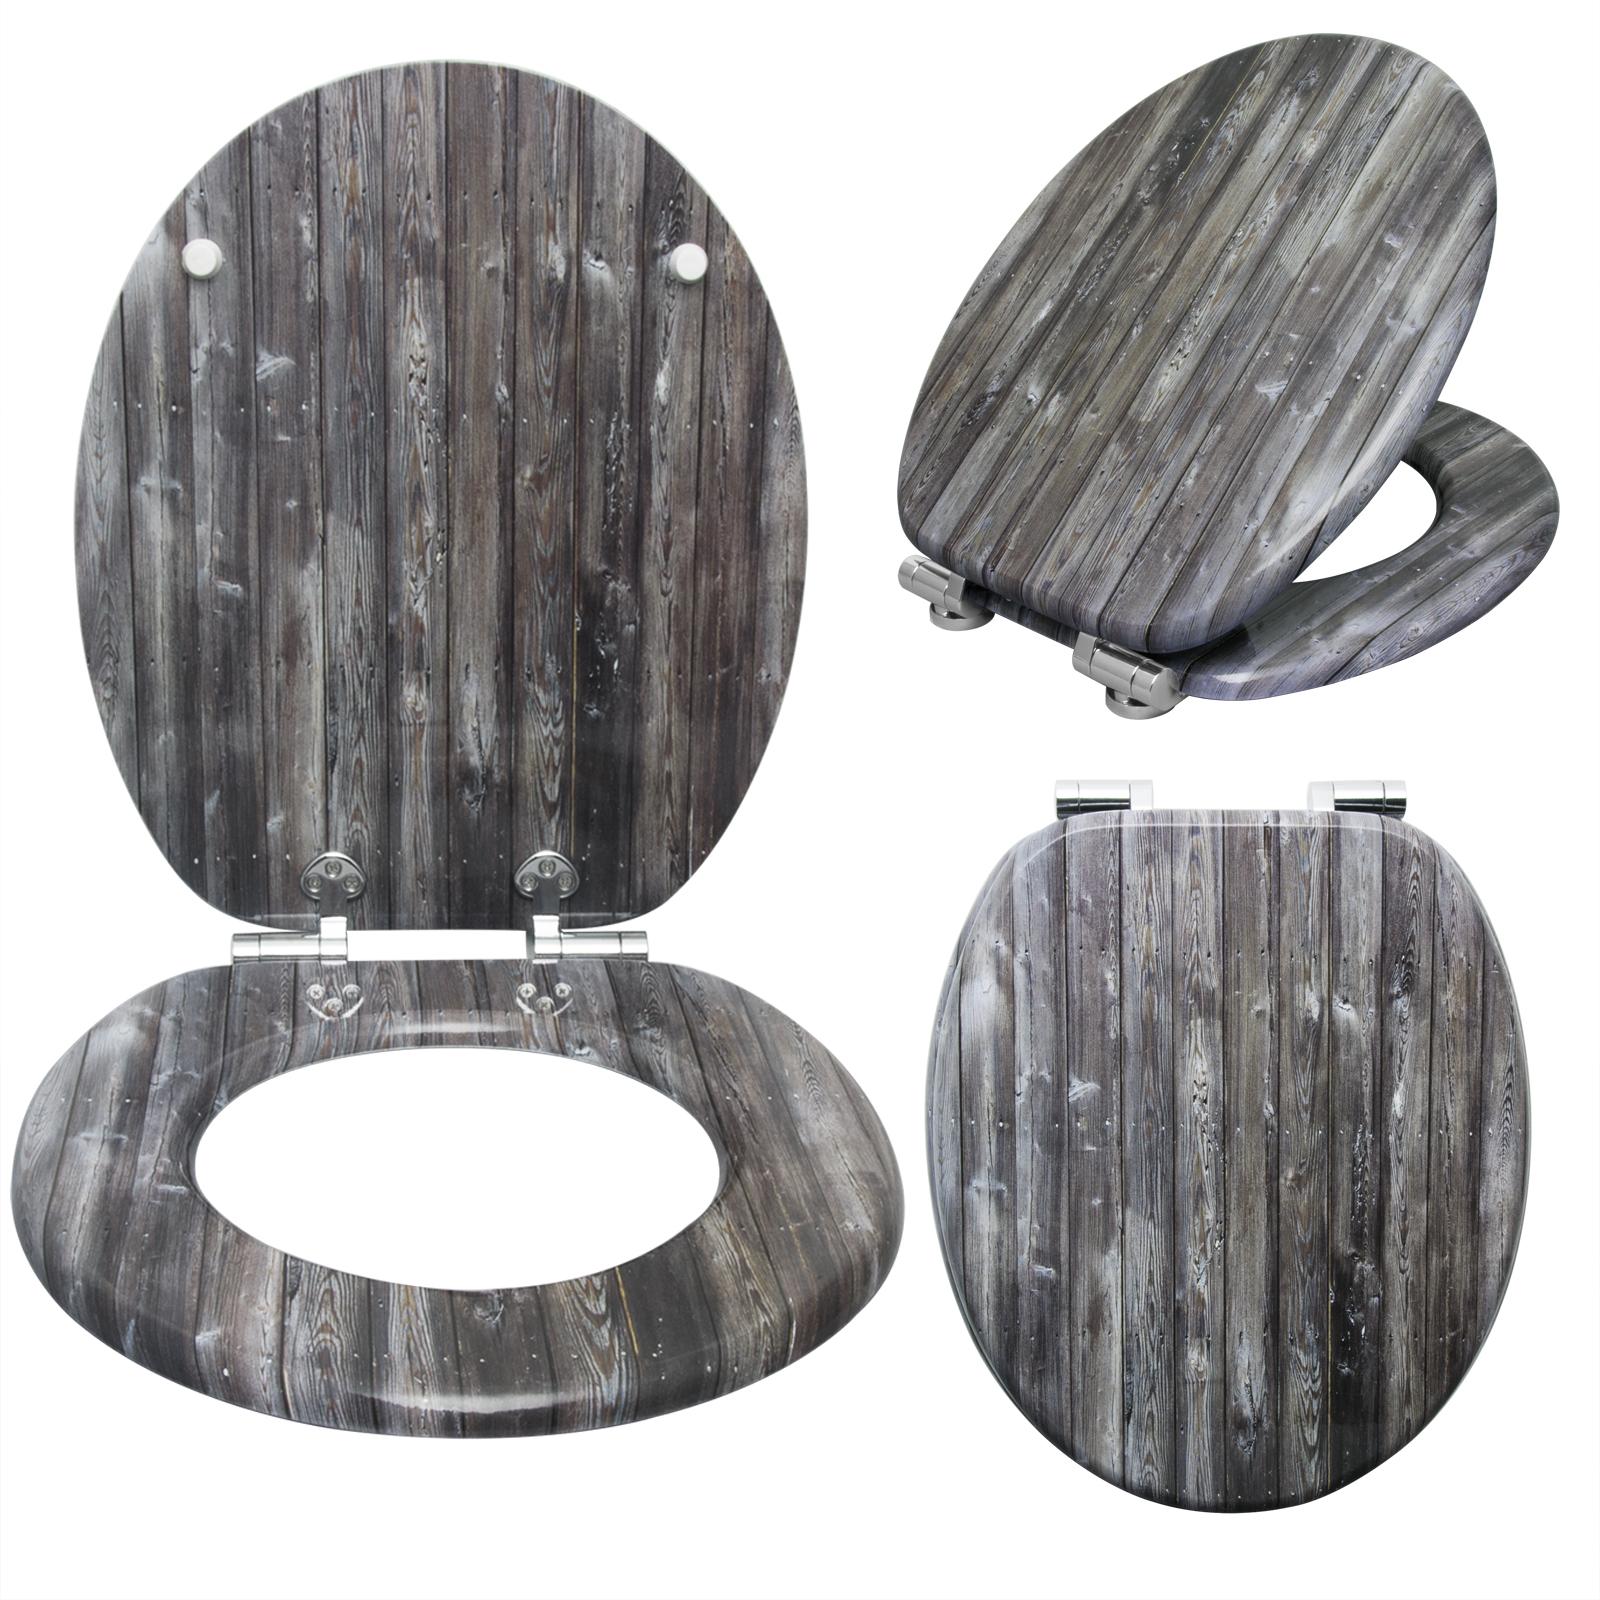 toilettensitz wc sitz klodeckel mdf brille klobrille deckel toilettendeckel 95. Black Bedroom Furniture Sets. Home Design Ideas